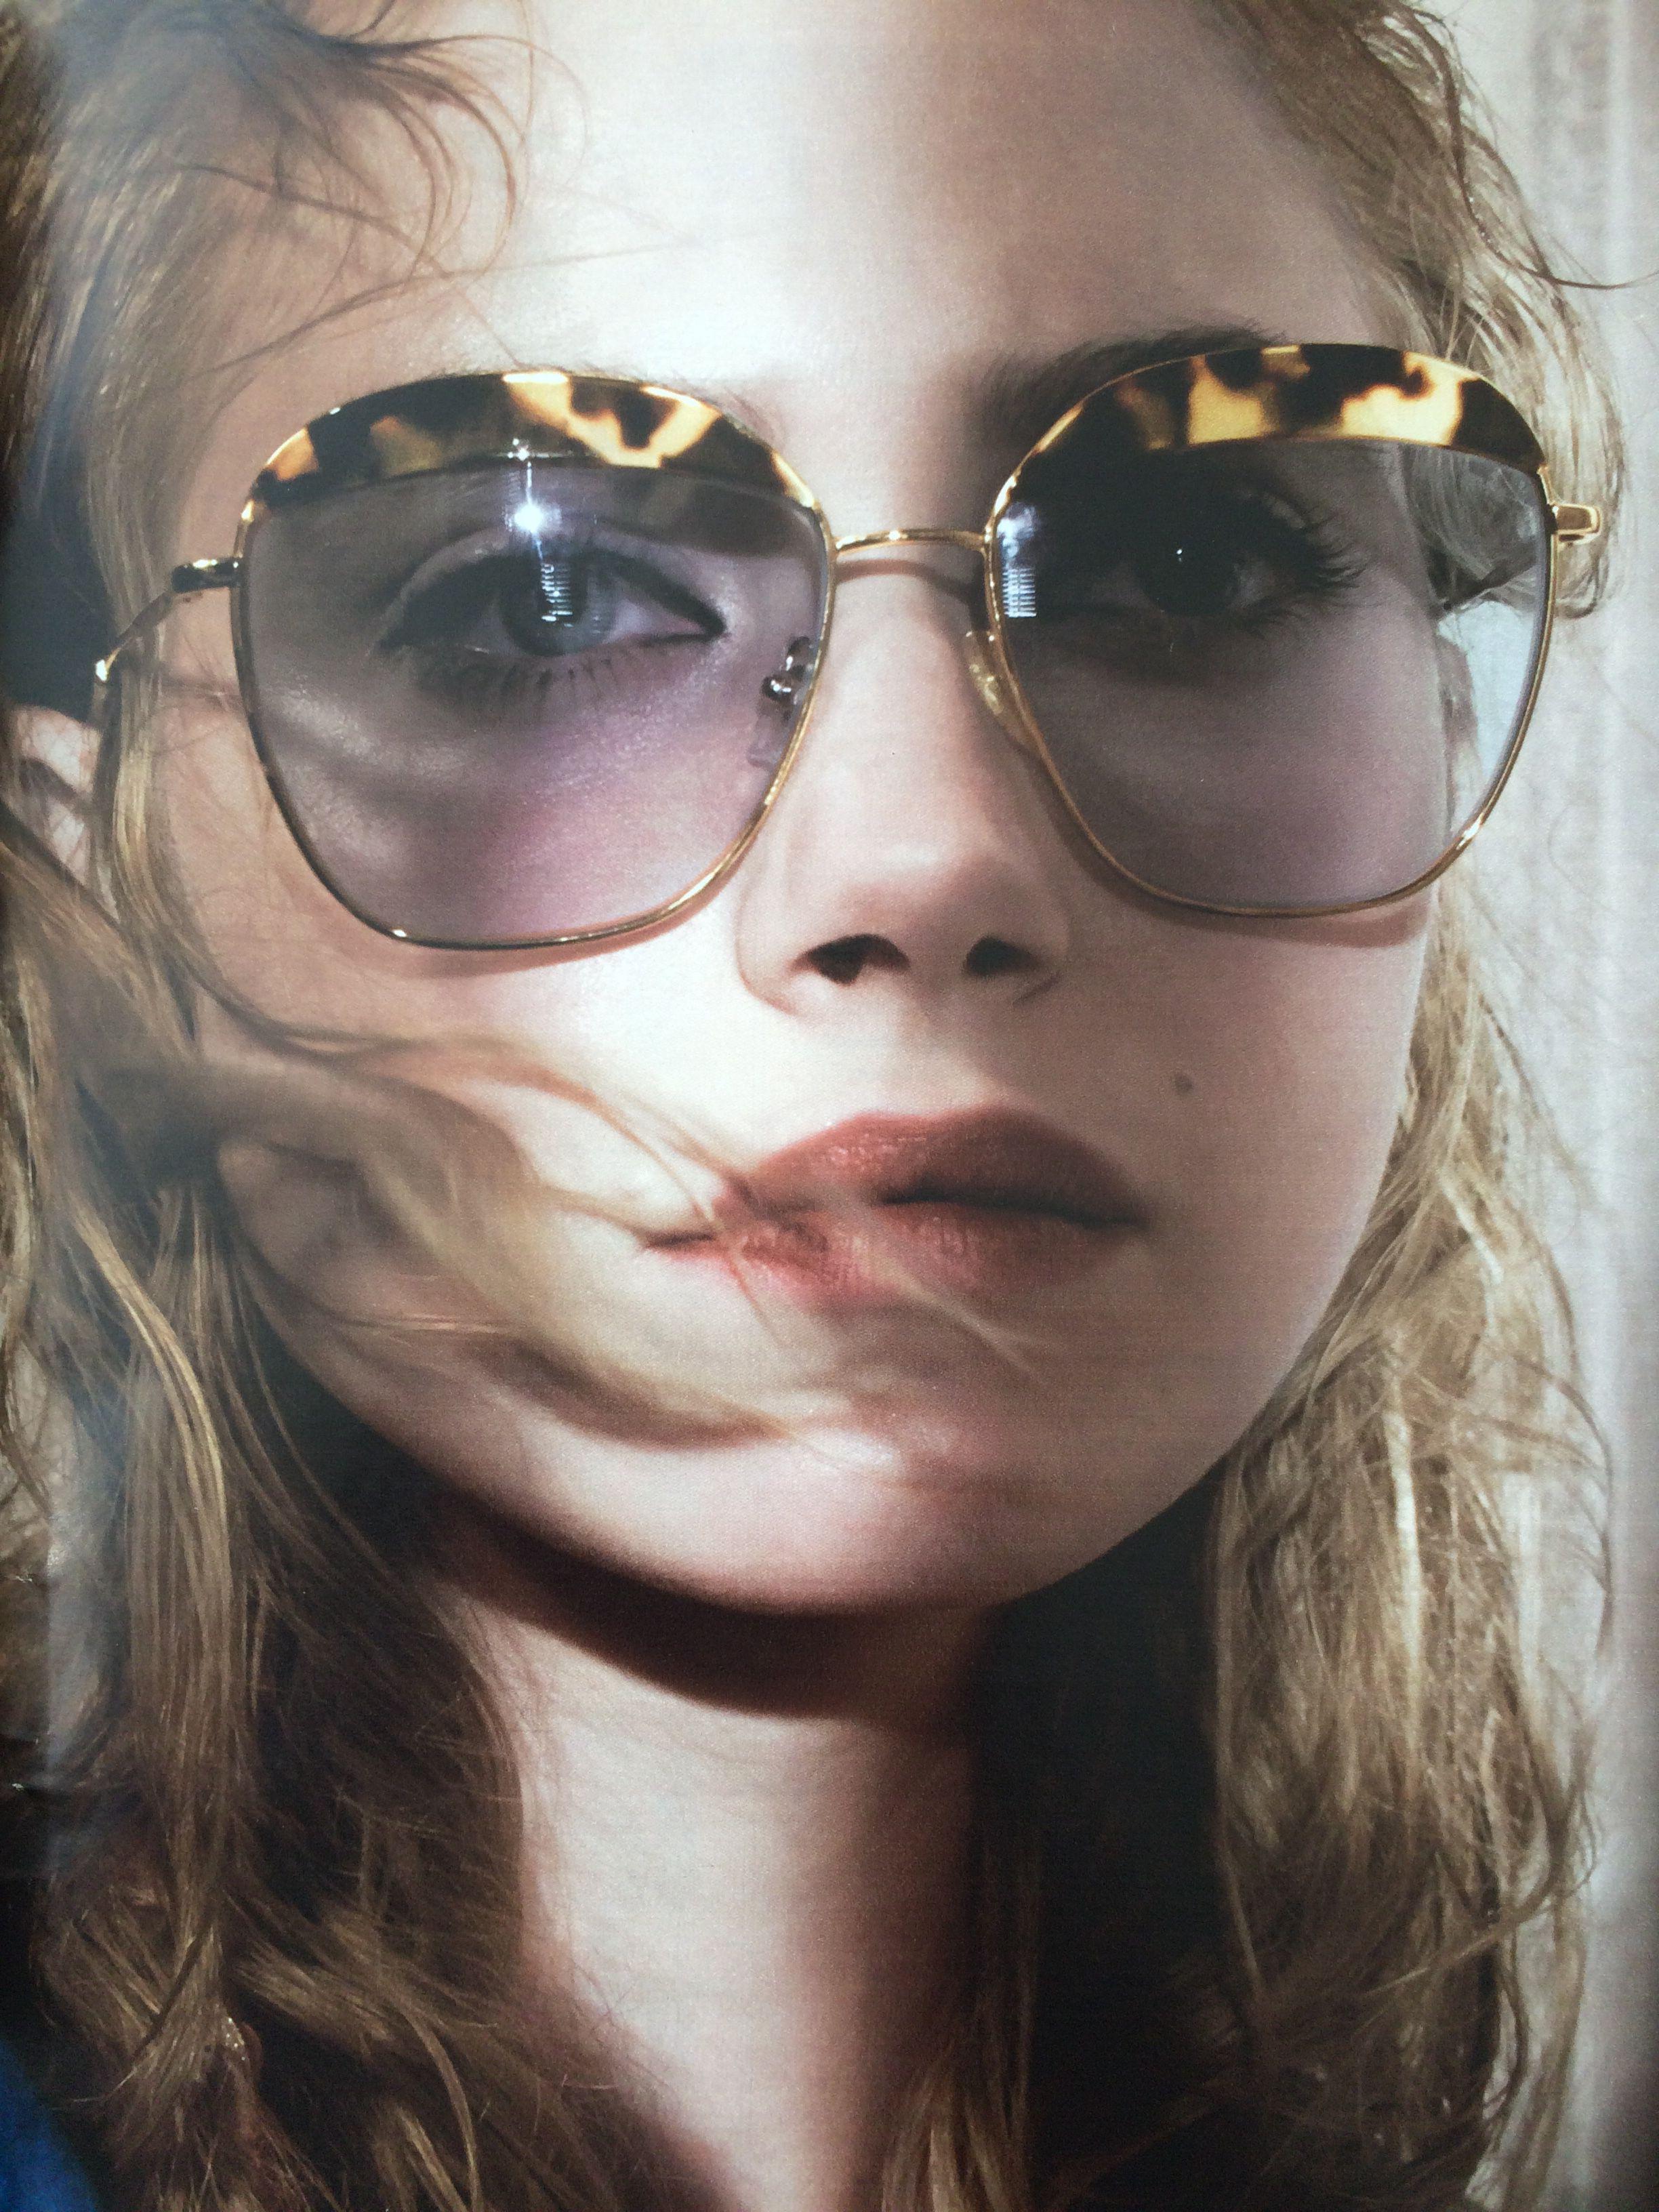 8091a05c75c14 Todos os modelos Miu Miu você encontra em nossa loja virtual   www.oticaswanny.com ou clique na imagem.  oticaswanny  compreonline  miumiu   oculosdesol ...